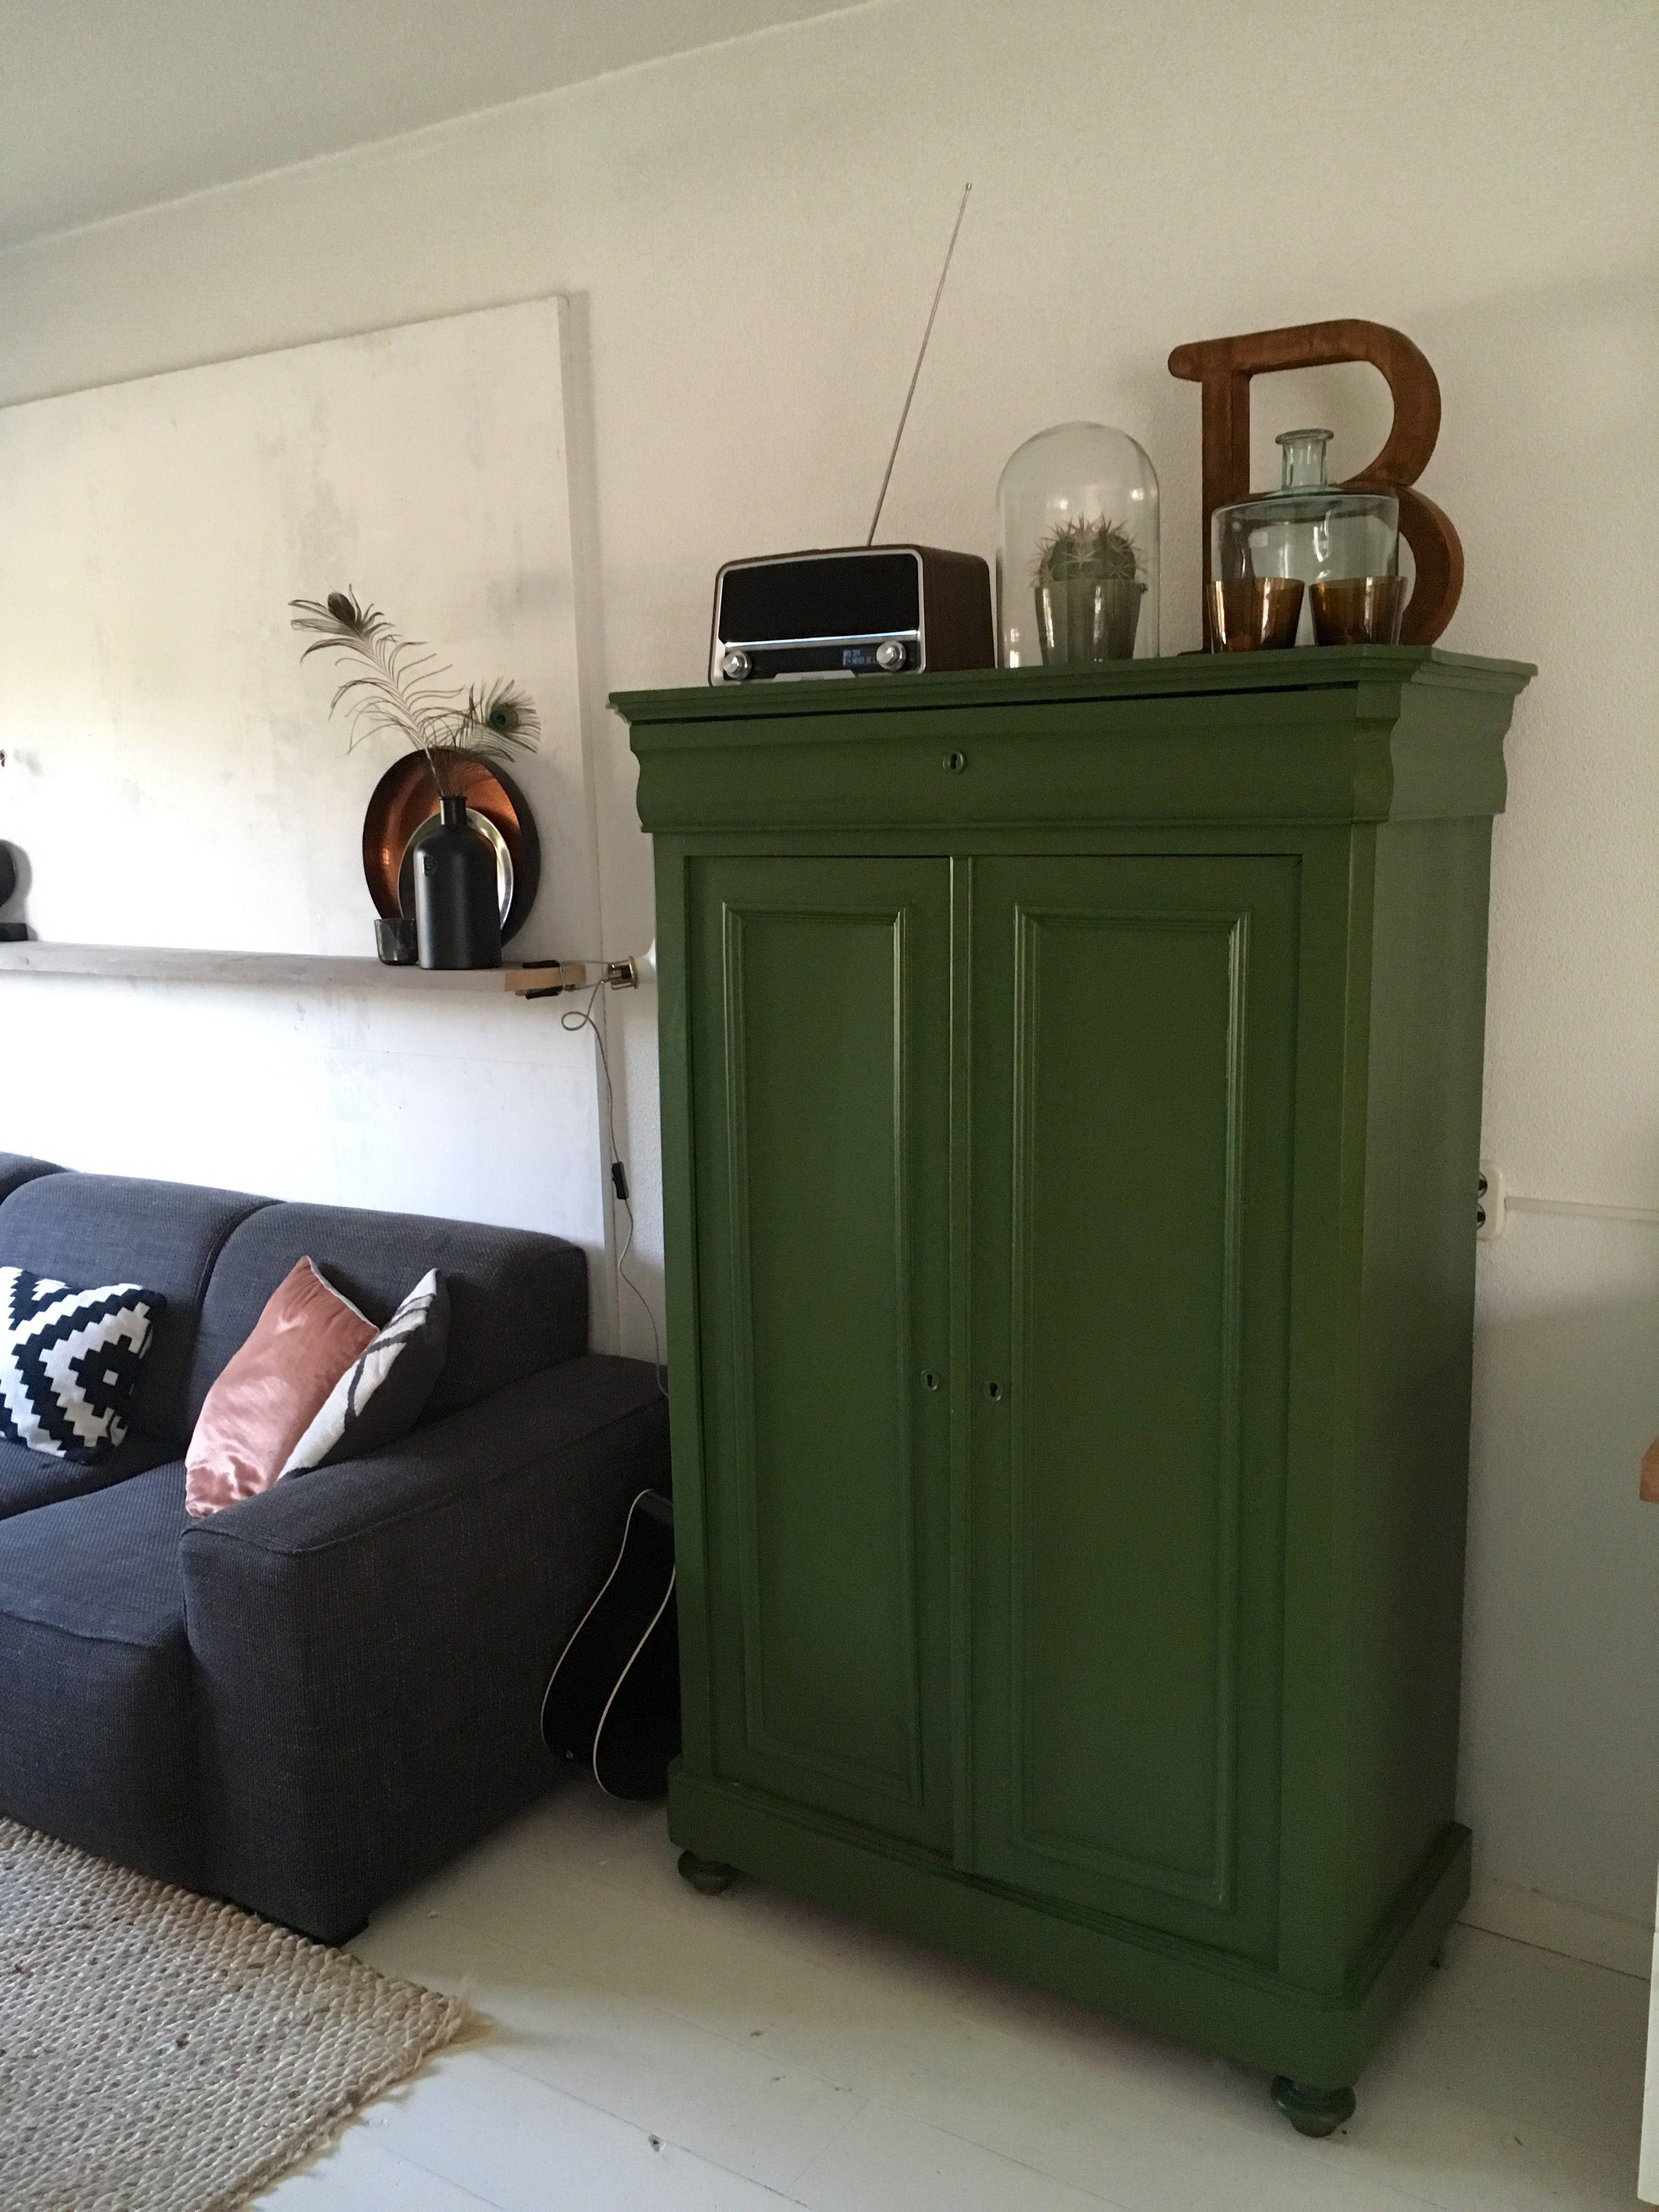 Manon Interieur Styling Groene Kast Witte Vloer Houten